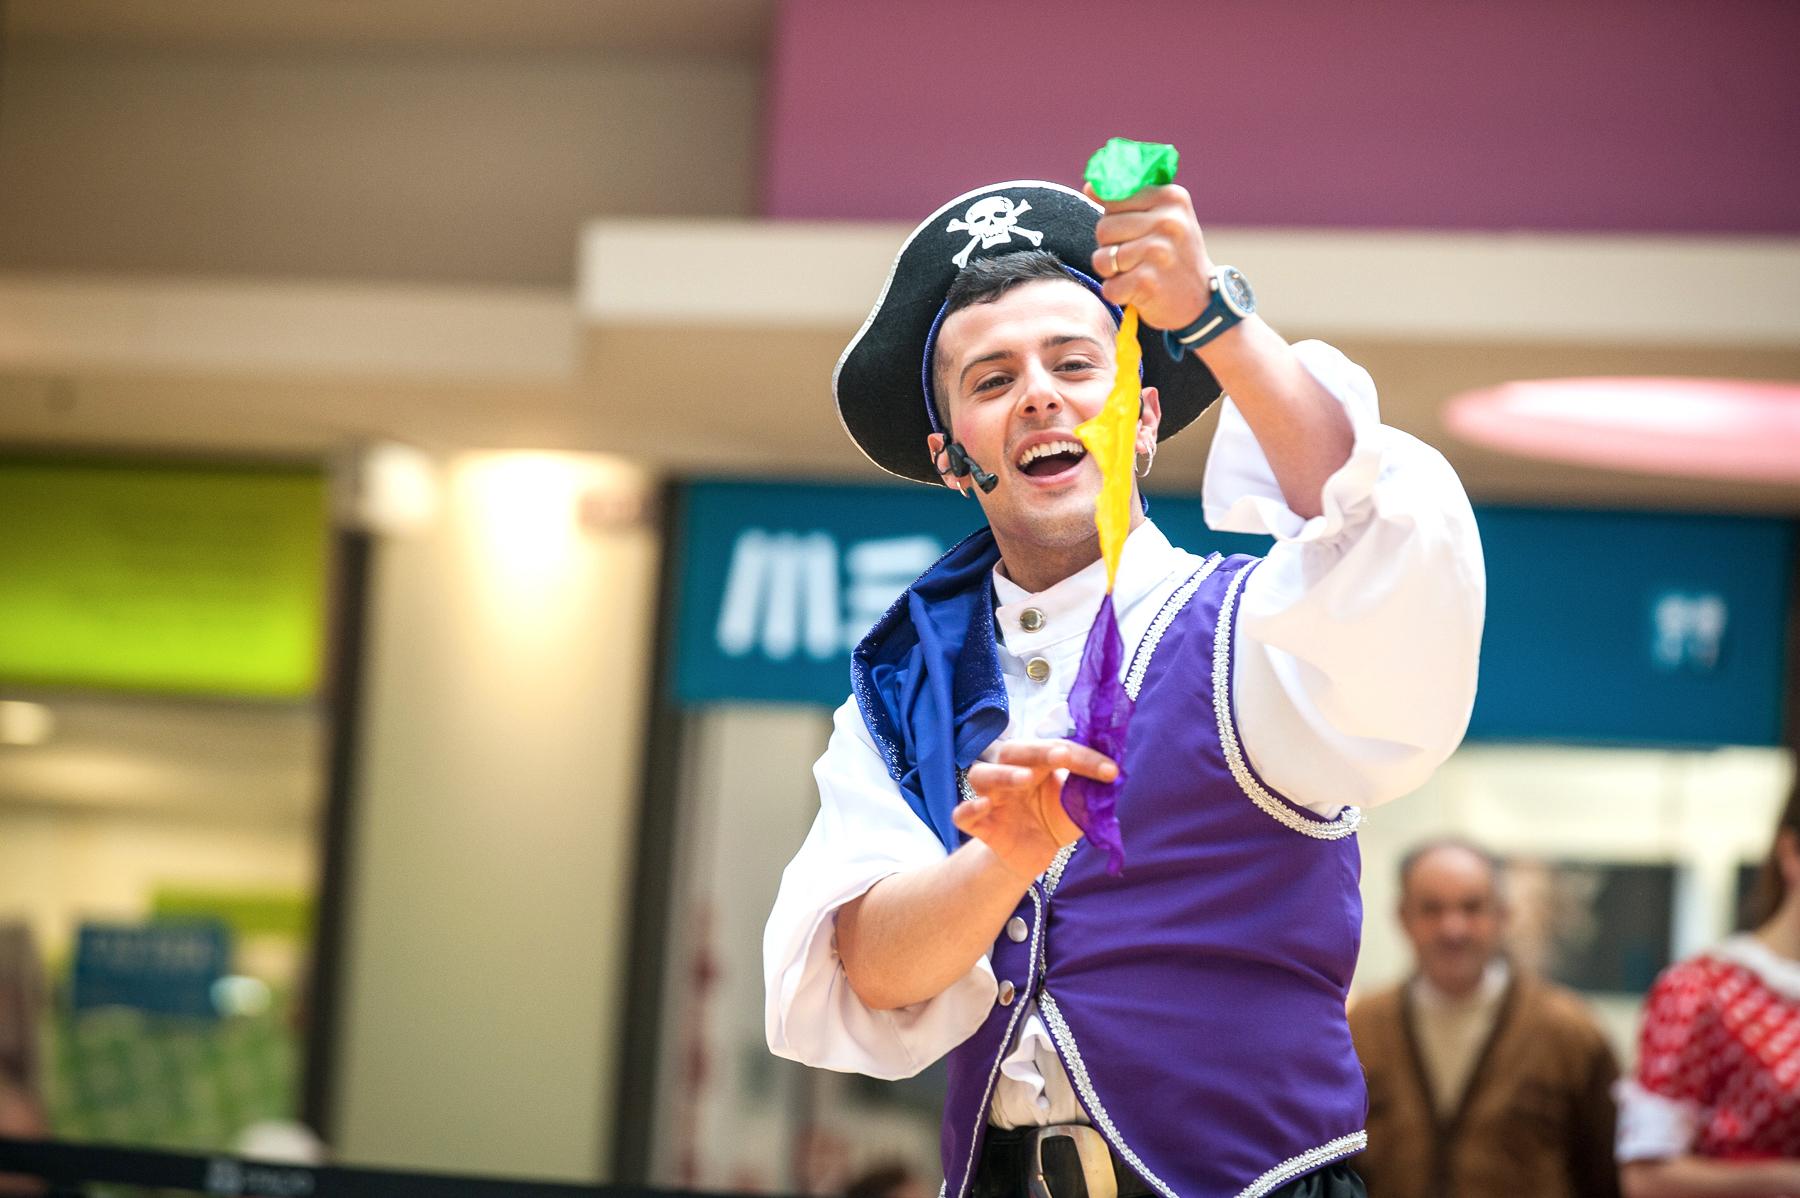 Piratas_mágicos_Centros_comerciais